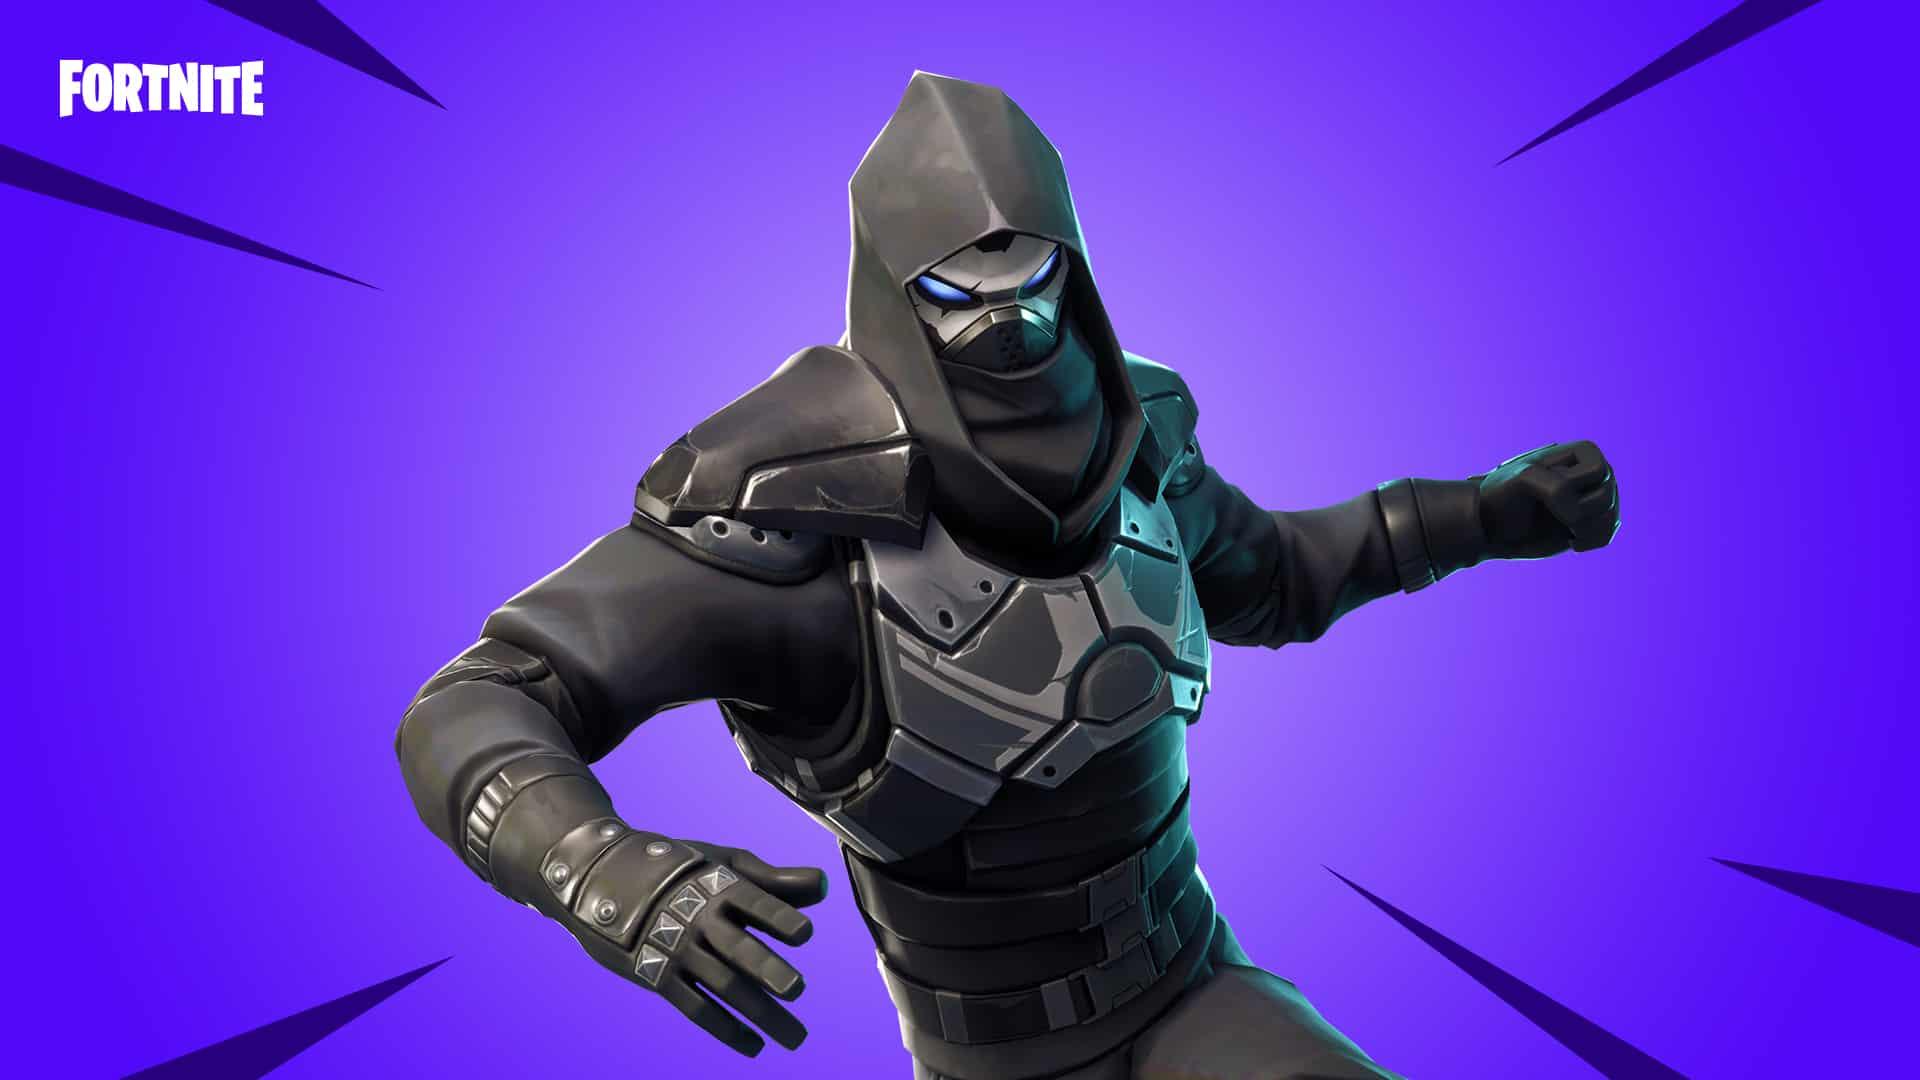 Fortnite Enforcer skin